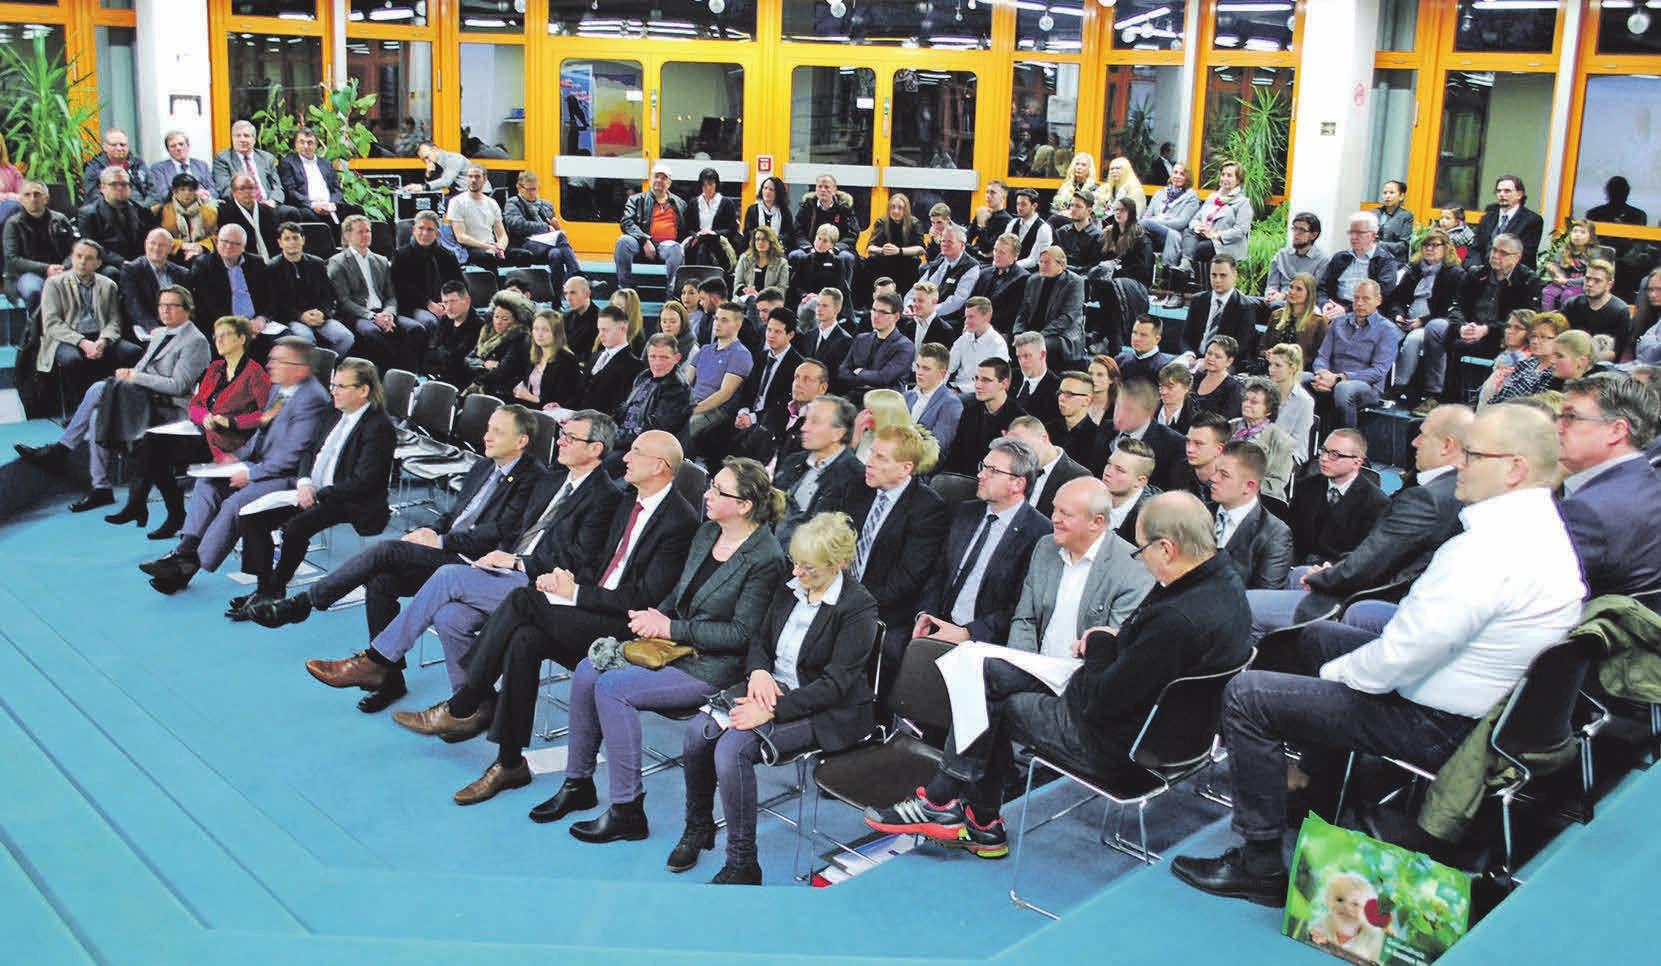 Die Freisprechungsfeier fand in den BBS in Vöhrum statt. Fotos (3): Birthe Kußroll-Ihle